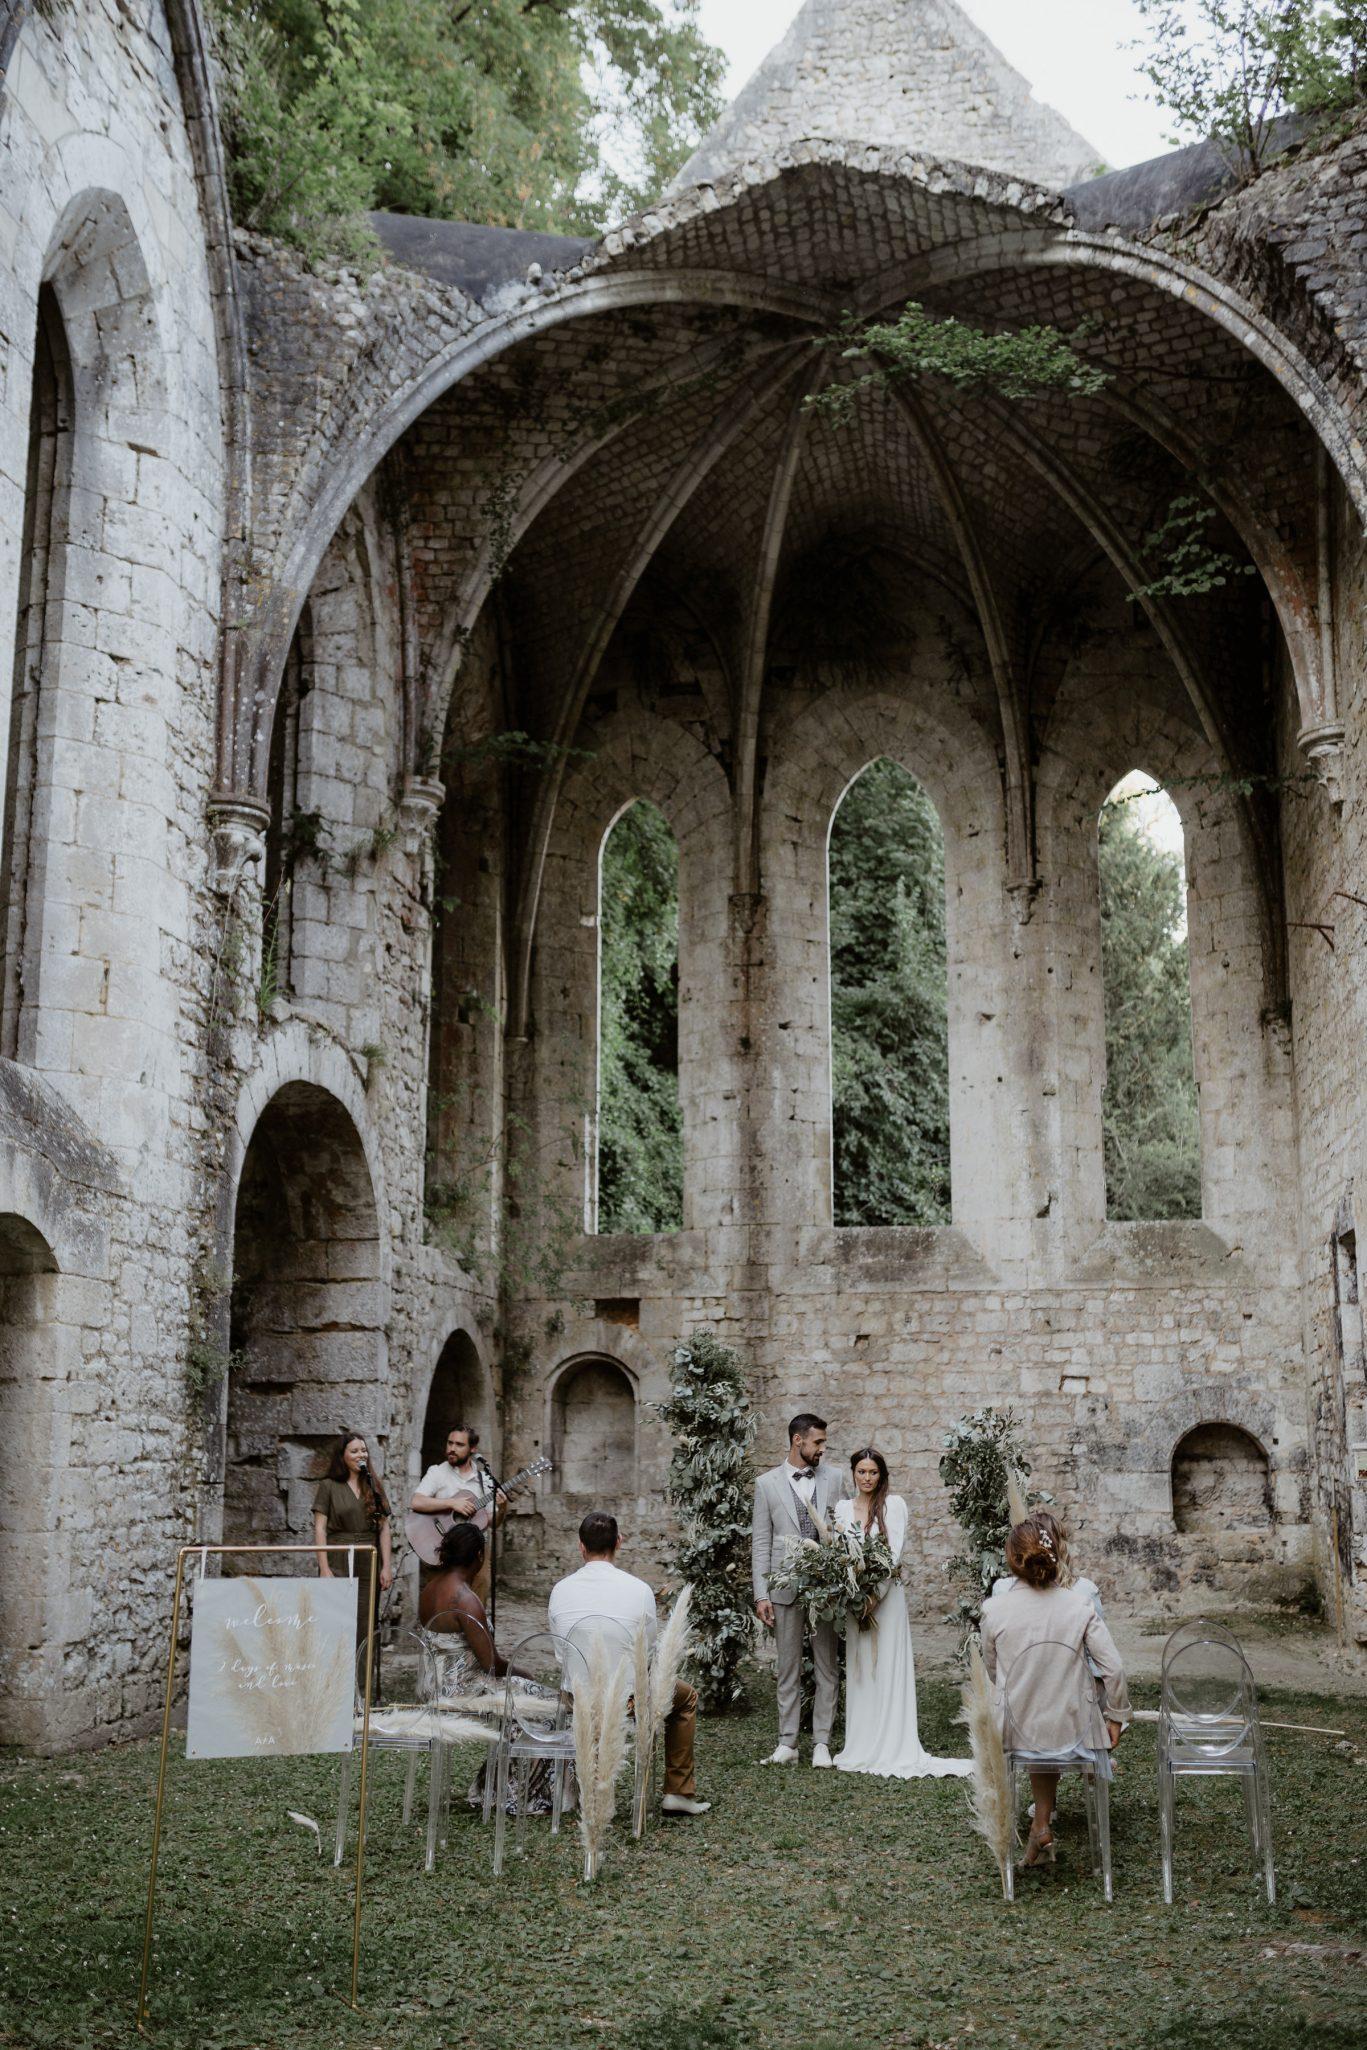 mariage bohème, mariage intime et mariage en petit comité dans un lieu mariage original l'abbaye fontaine guérard. Empreinte éphémère wedding planner Provence paris normandie